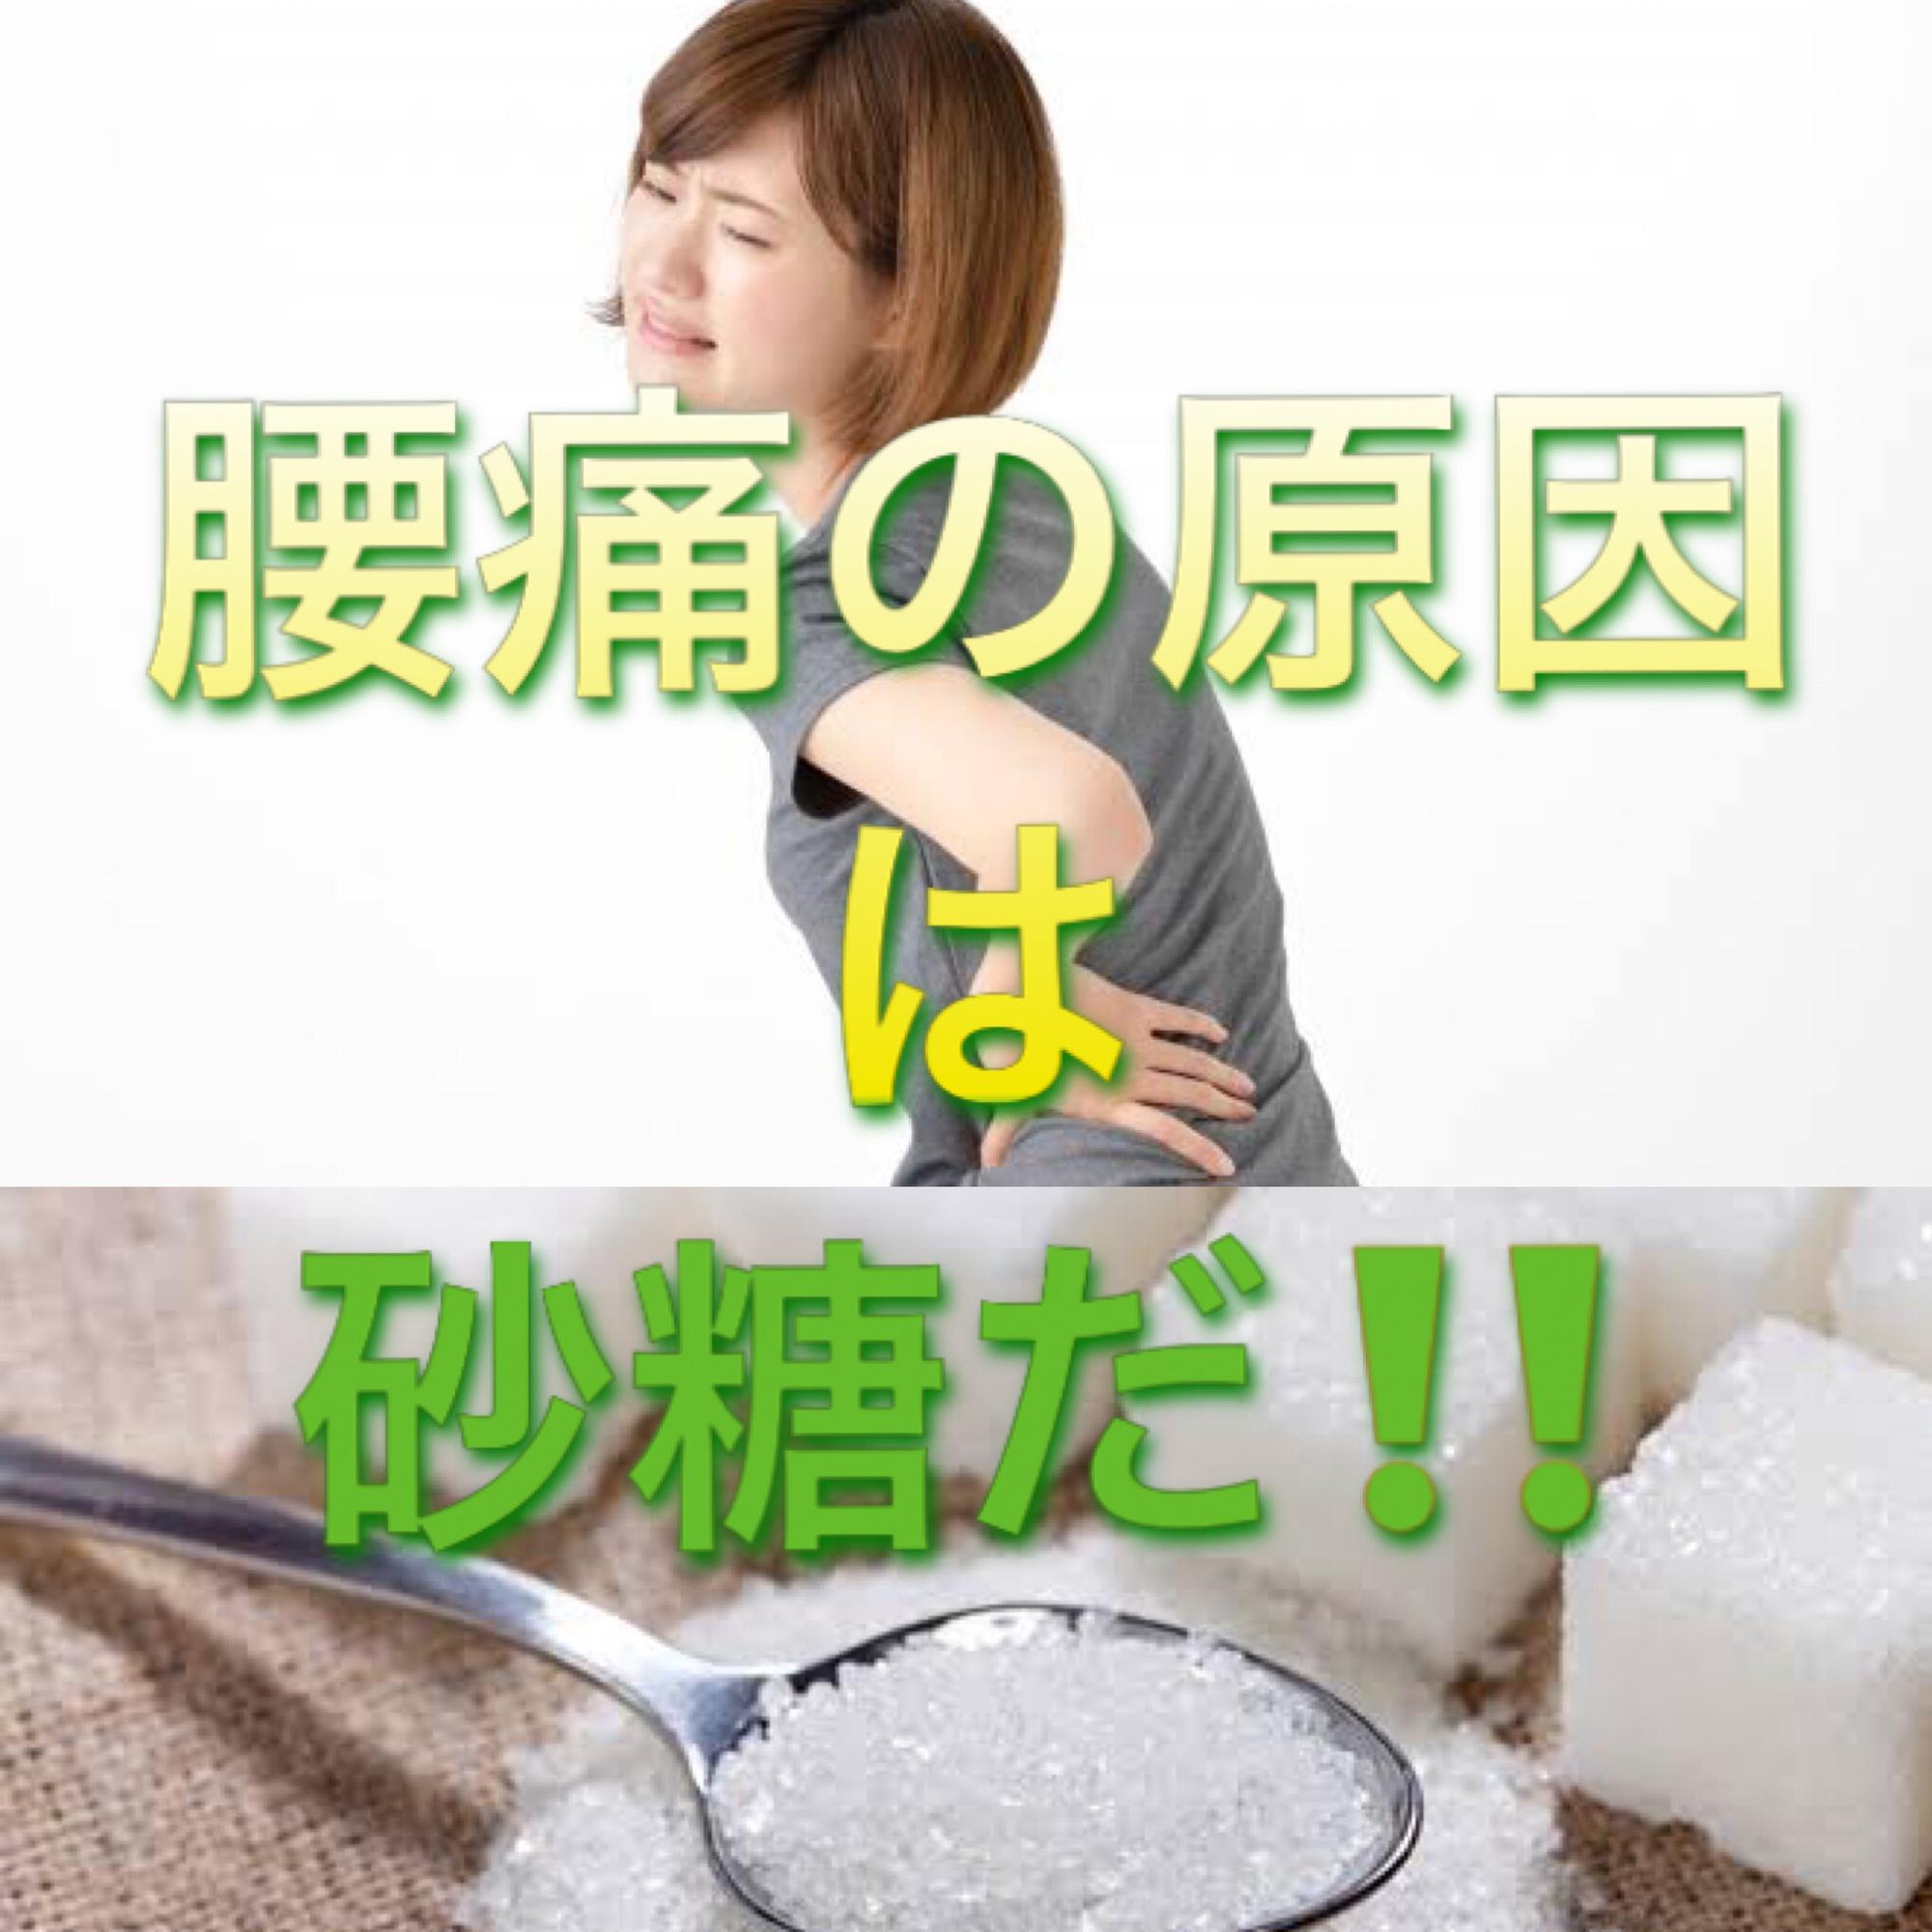 腰痛の原因は砂糖だ!